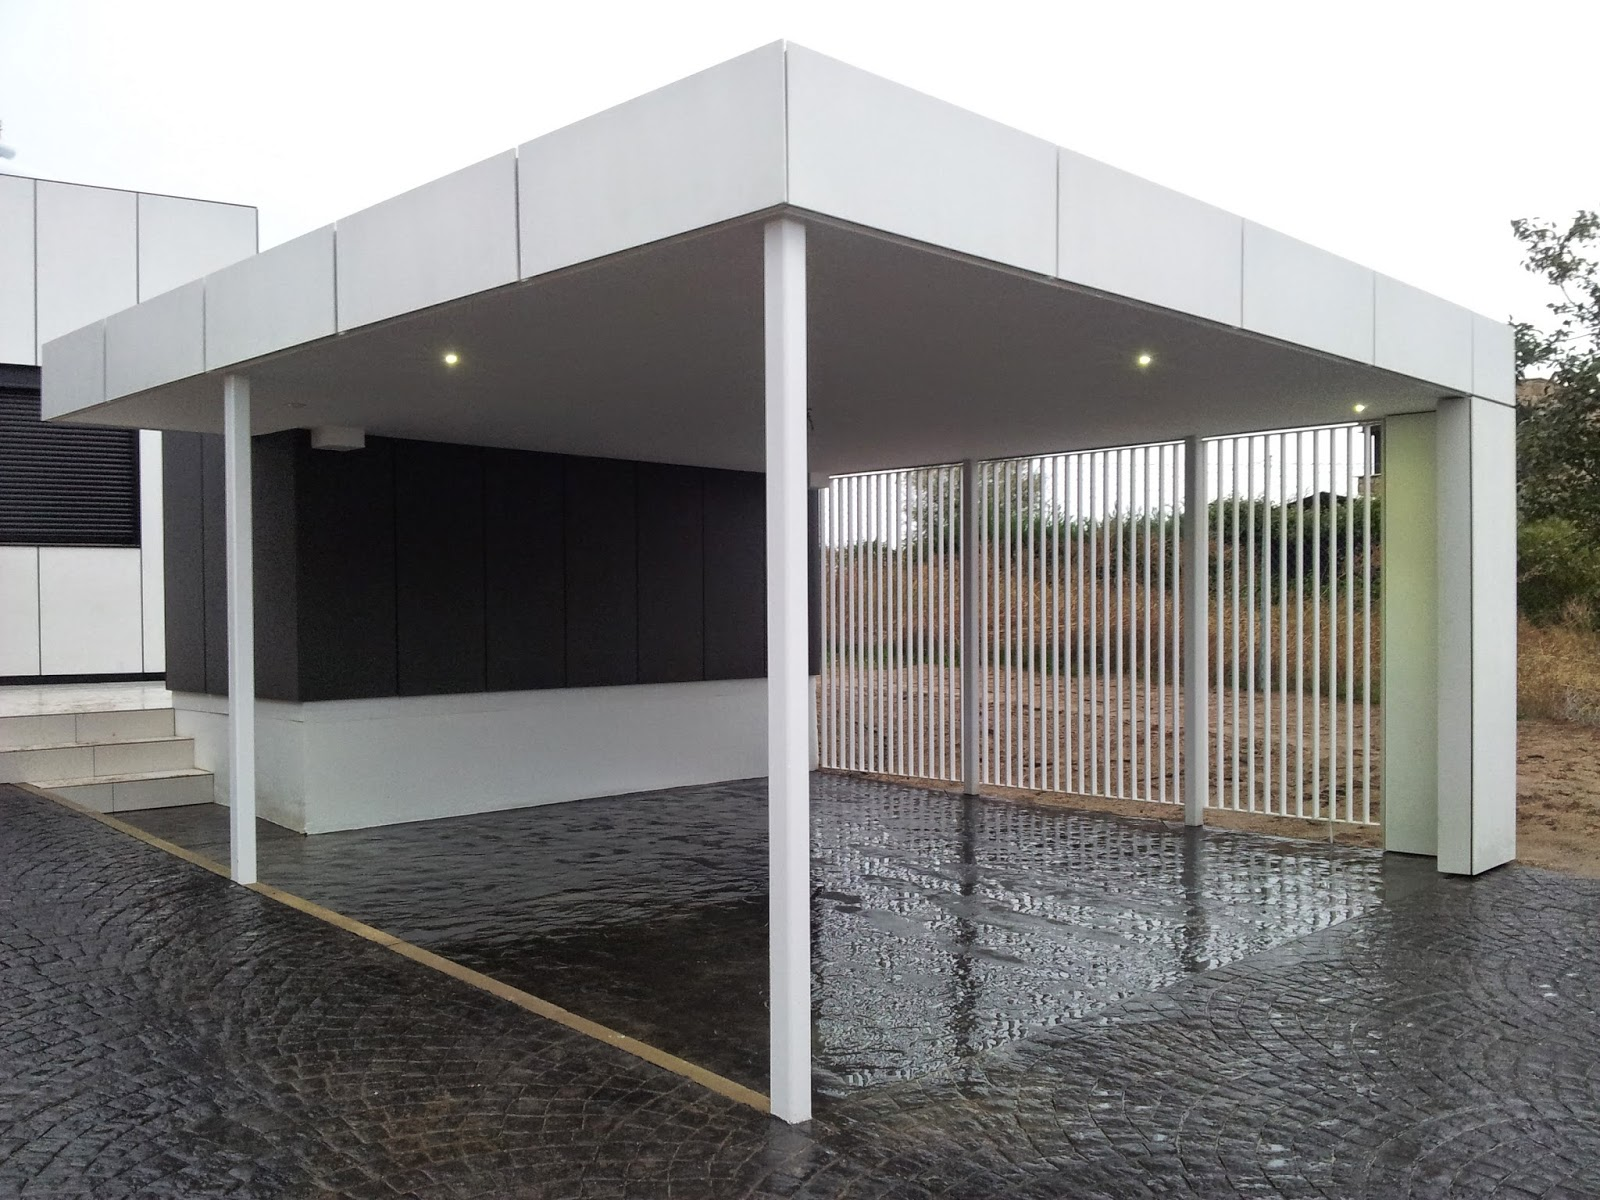 Garaje modular abierto de Resan